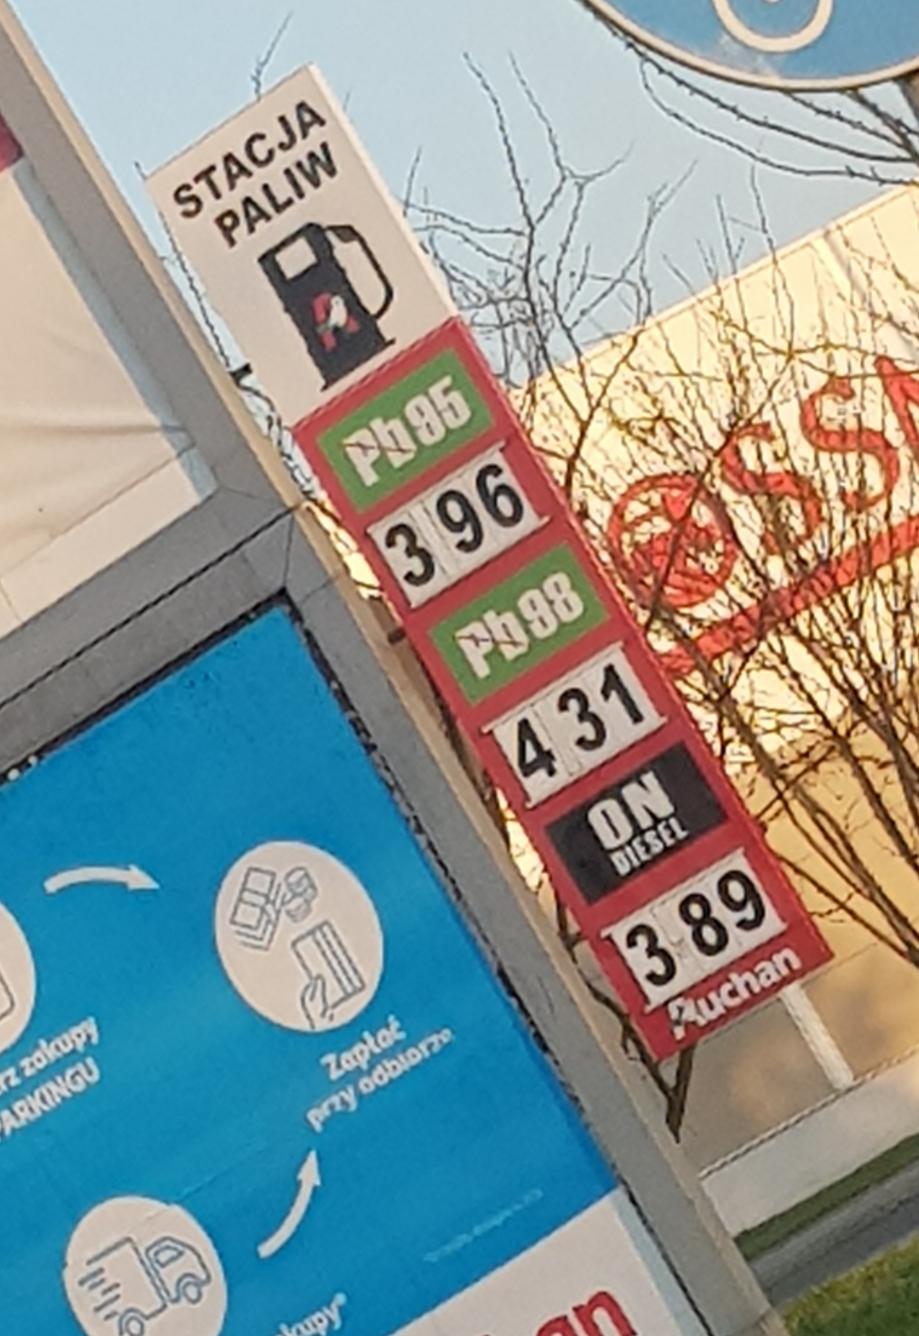 Auchan Racibórz- ON 3.89 zł/l, benzyna 95 - 3.96 zł/l.